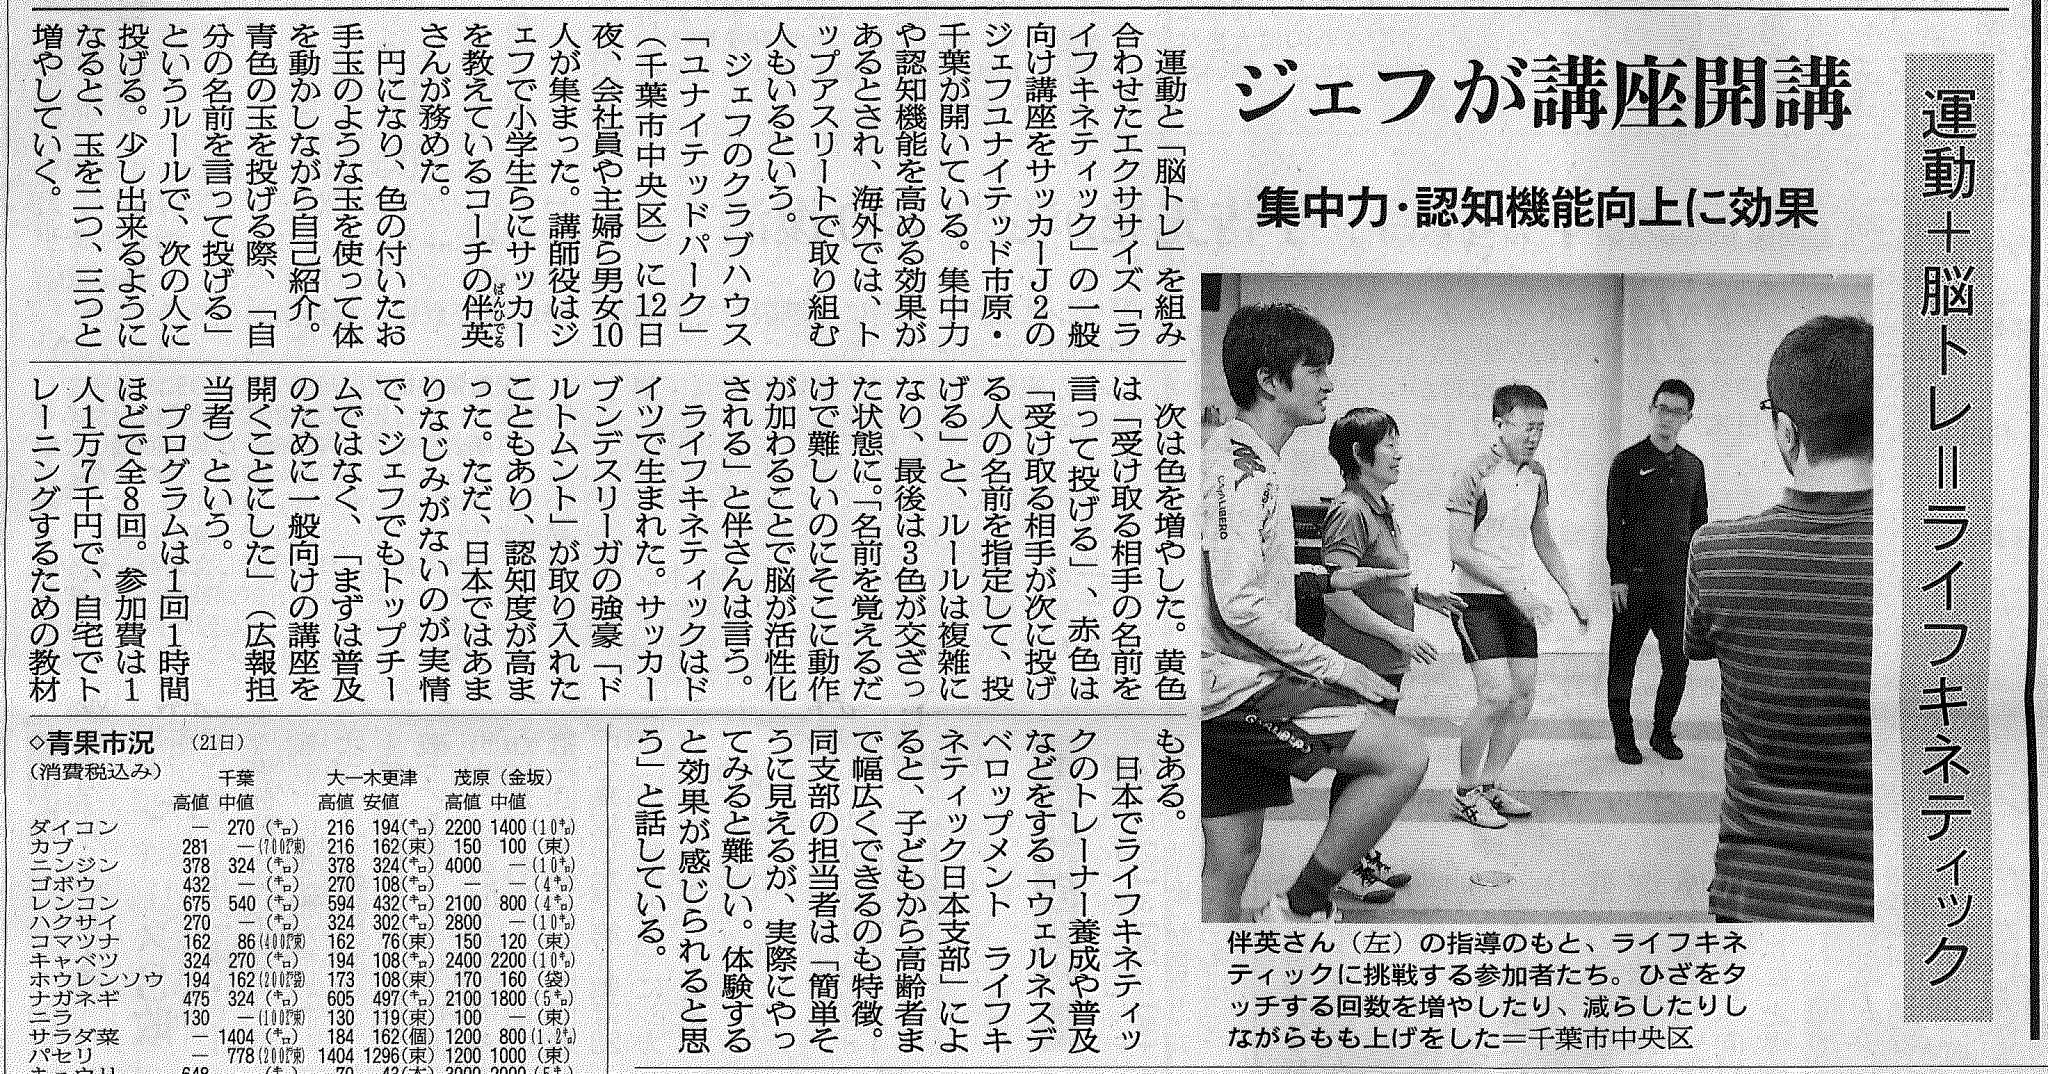 朝日新聞「ジェフユナイテッド千葉・市原ライフキネティック講座について」